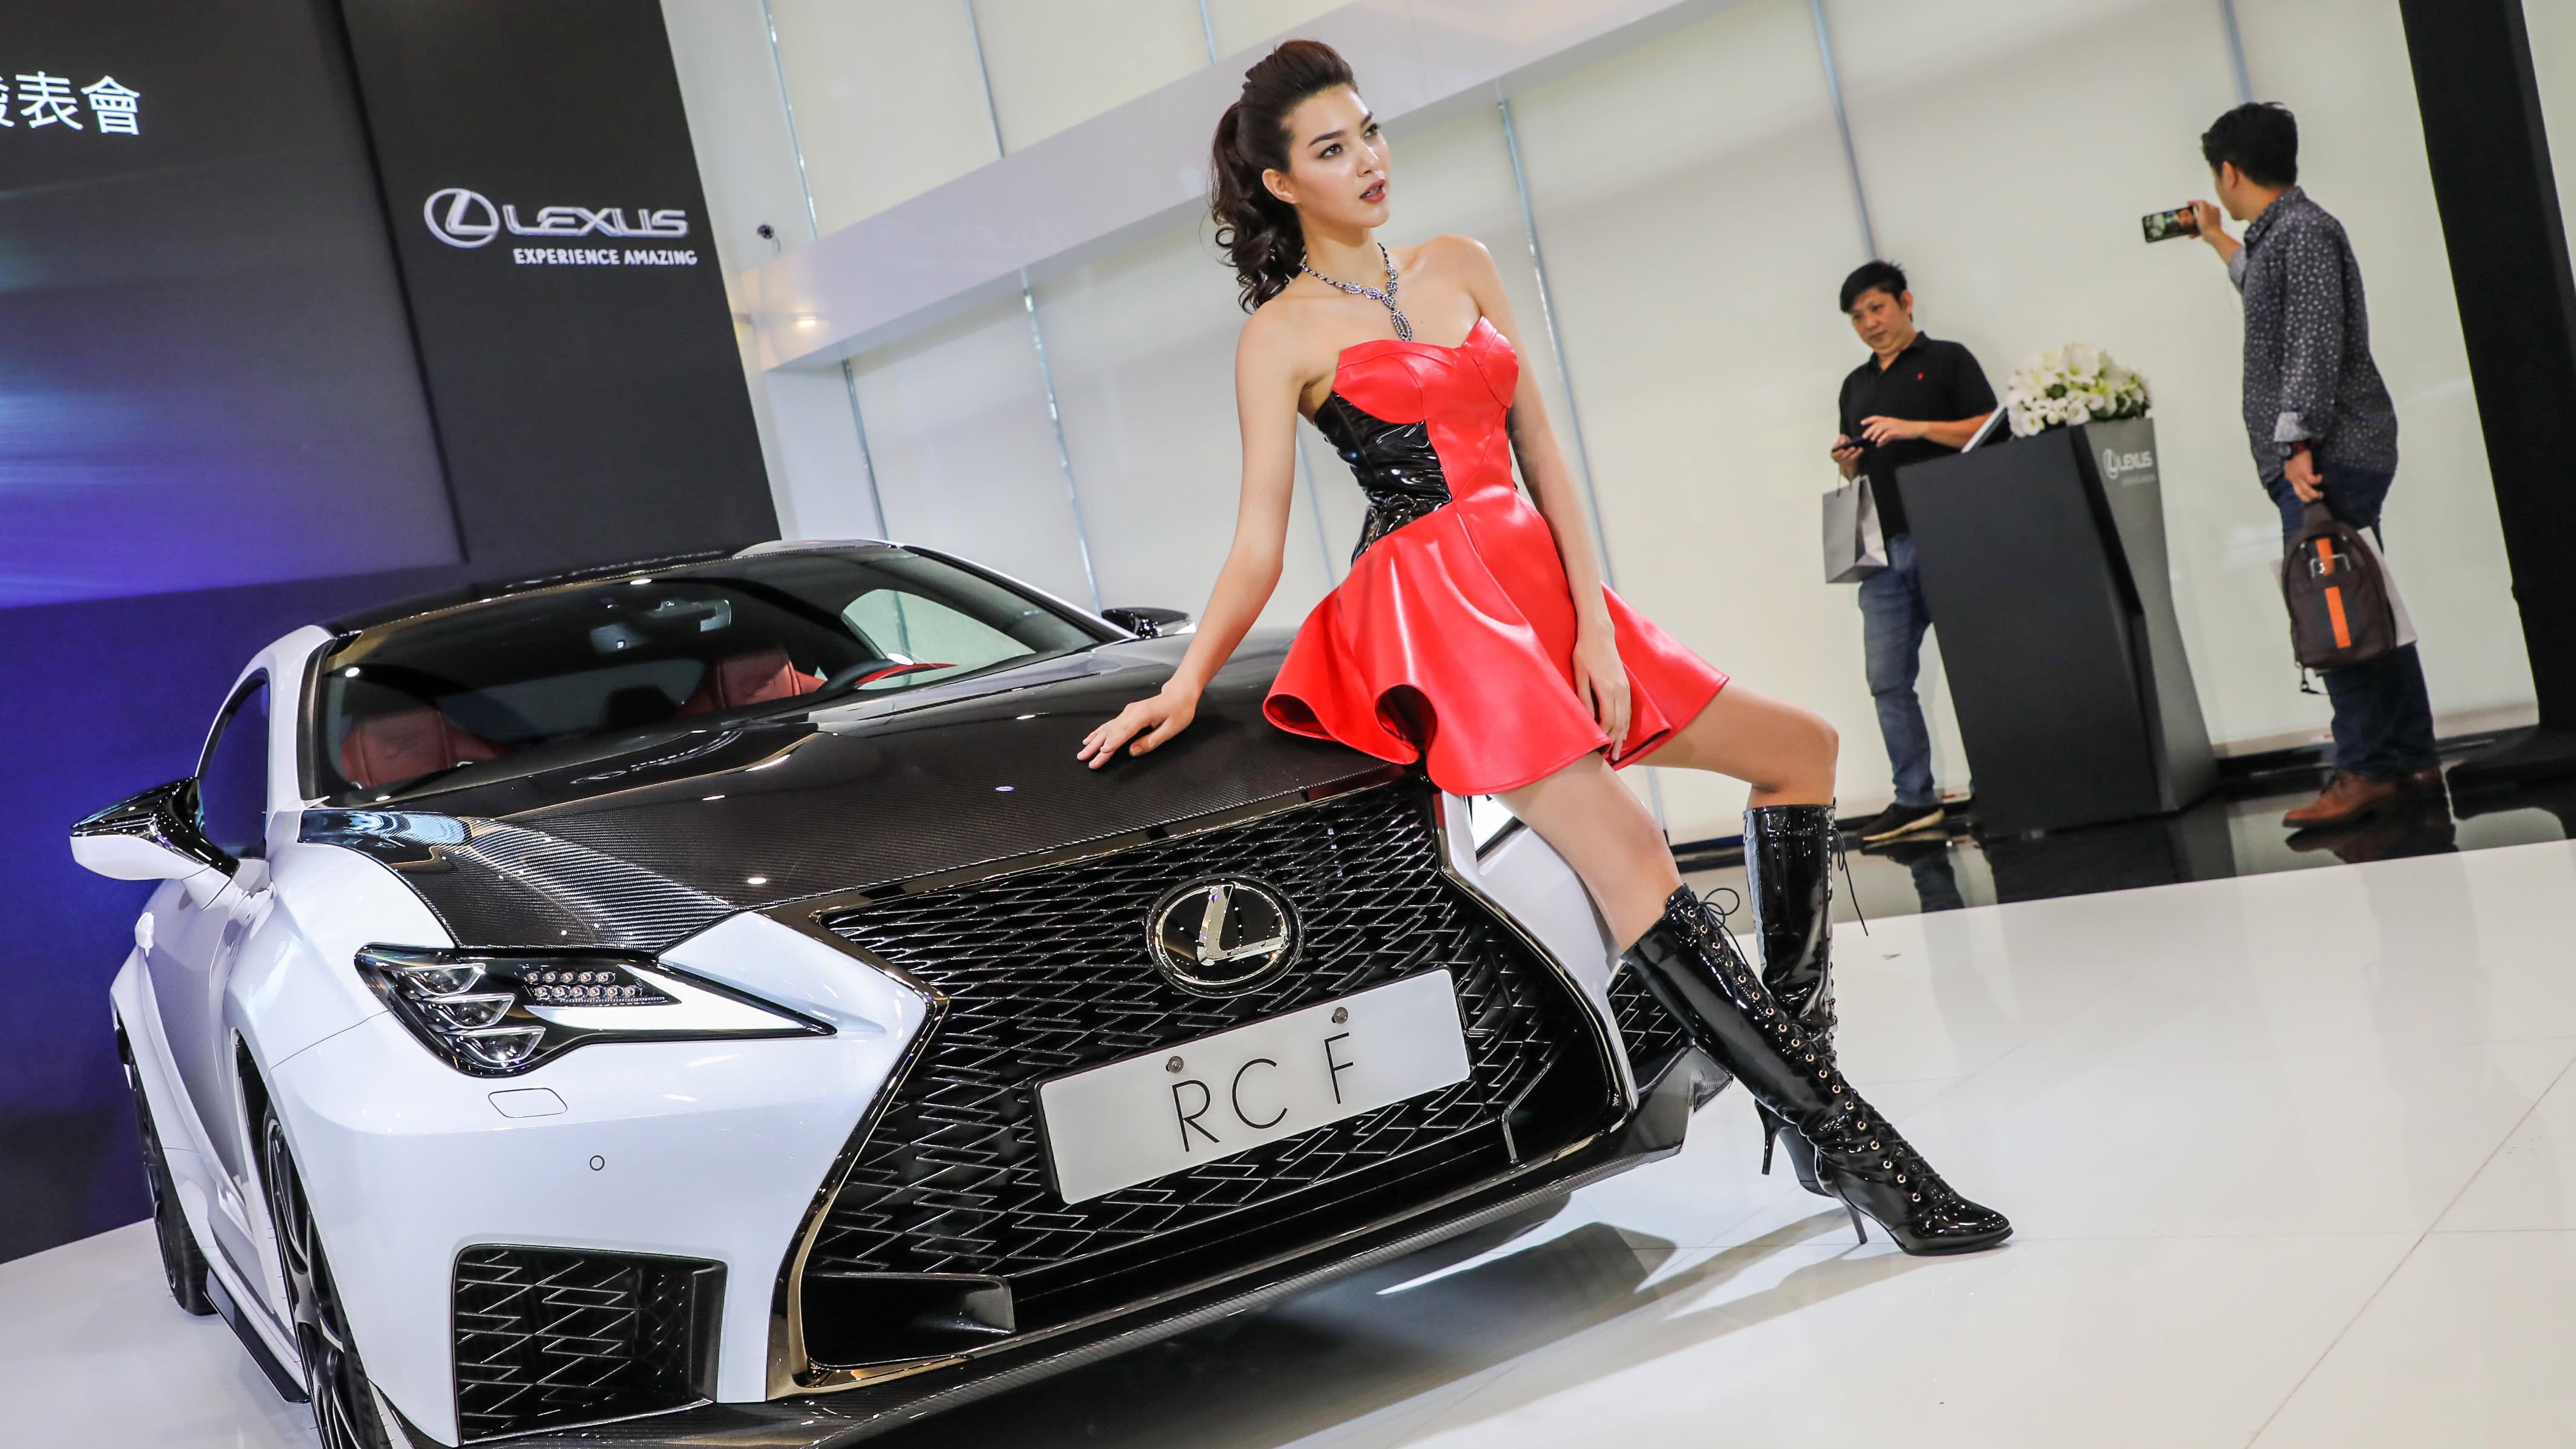 勁裝加持!V8大排量 New Lexus RC F︱狂傲登場